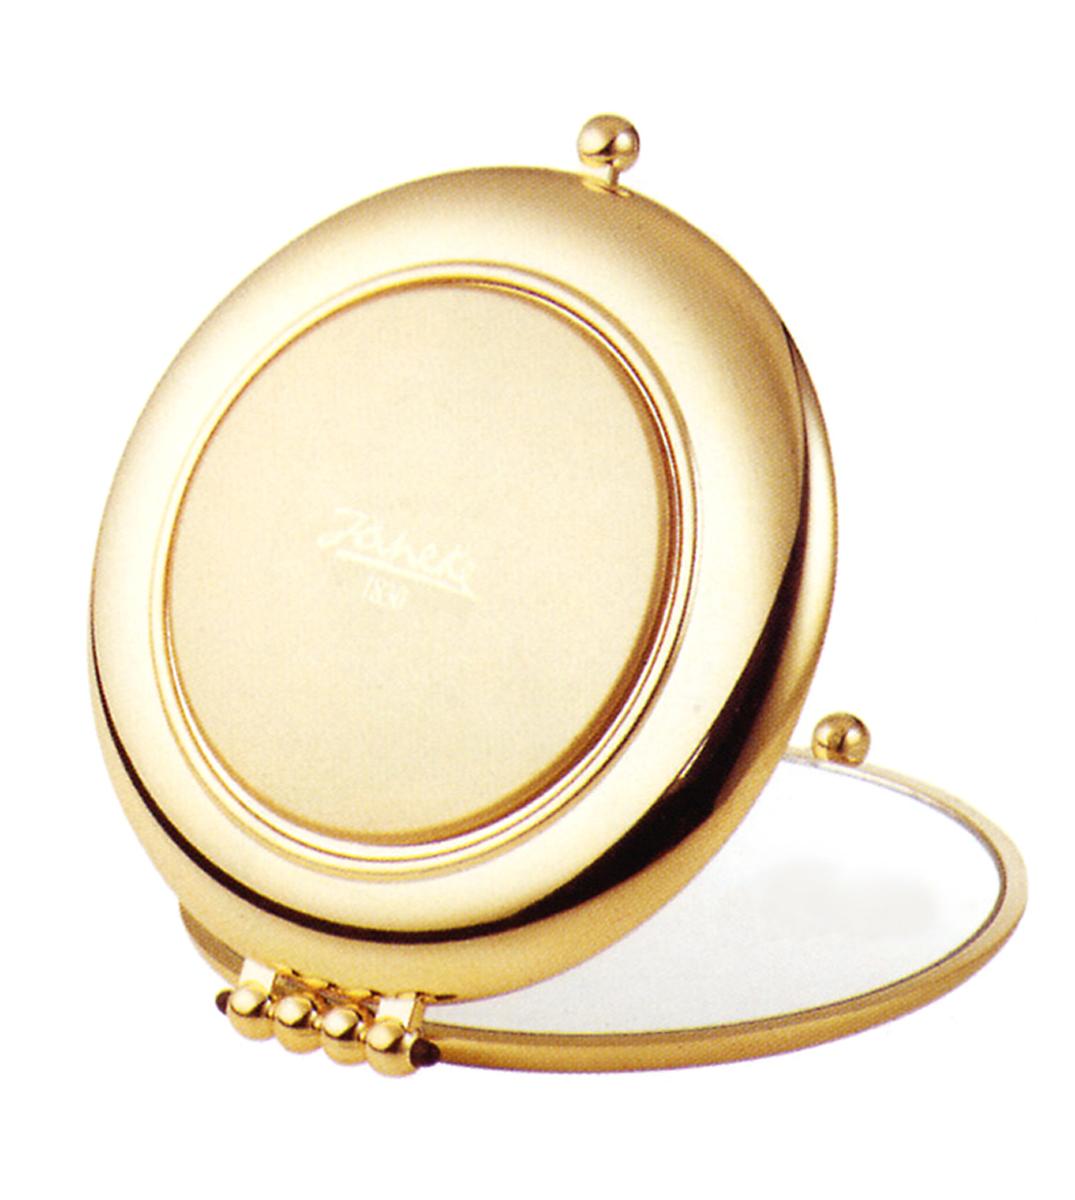 Janeke Зеркало карманое, линзы ZEISS, позолоченное D90, AU453.3 CRN.566339Марка Janeke – мировой лидер по производству расчесок, щеток, маникюрных принадлежностей, зеркал и косметичек. Марка Janeke, основанная в 1830 году, вот уже почти 180 лет поддерживает непревзойденное качество своей продукции, сочетая новейшие технологии с традициями ста- рых миланских мастеров. Все изделия на 80% производятся вручную, а инновационные технологии и современные материалы делают продукцию марки поистине уникальной. Стильный и эргономичный дизайн, яркие цветовые решения – все это приносит истин- ное удовольствие от использования аксессуаров Janeke. Компактные зеркала Janeke имеют линзы с обычным и трехкратным увеличением, которые позволяют быстро и легко поправить макияж в дороге. А благодаря стильному дизайну и миниатюрному размеру компактное зеркало Janeke станет любимым аксессуаром любой женщины.